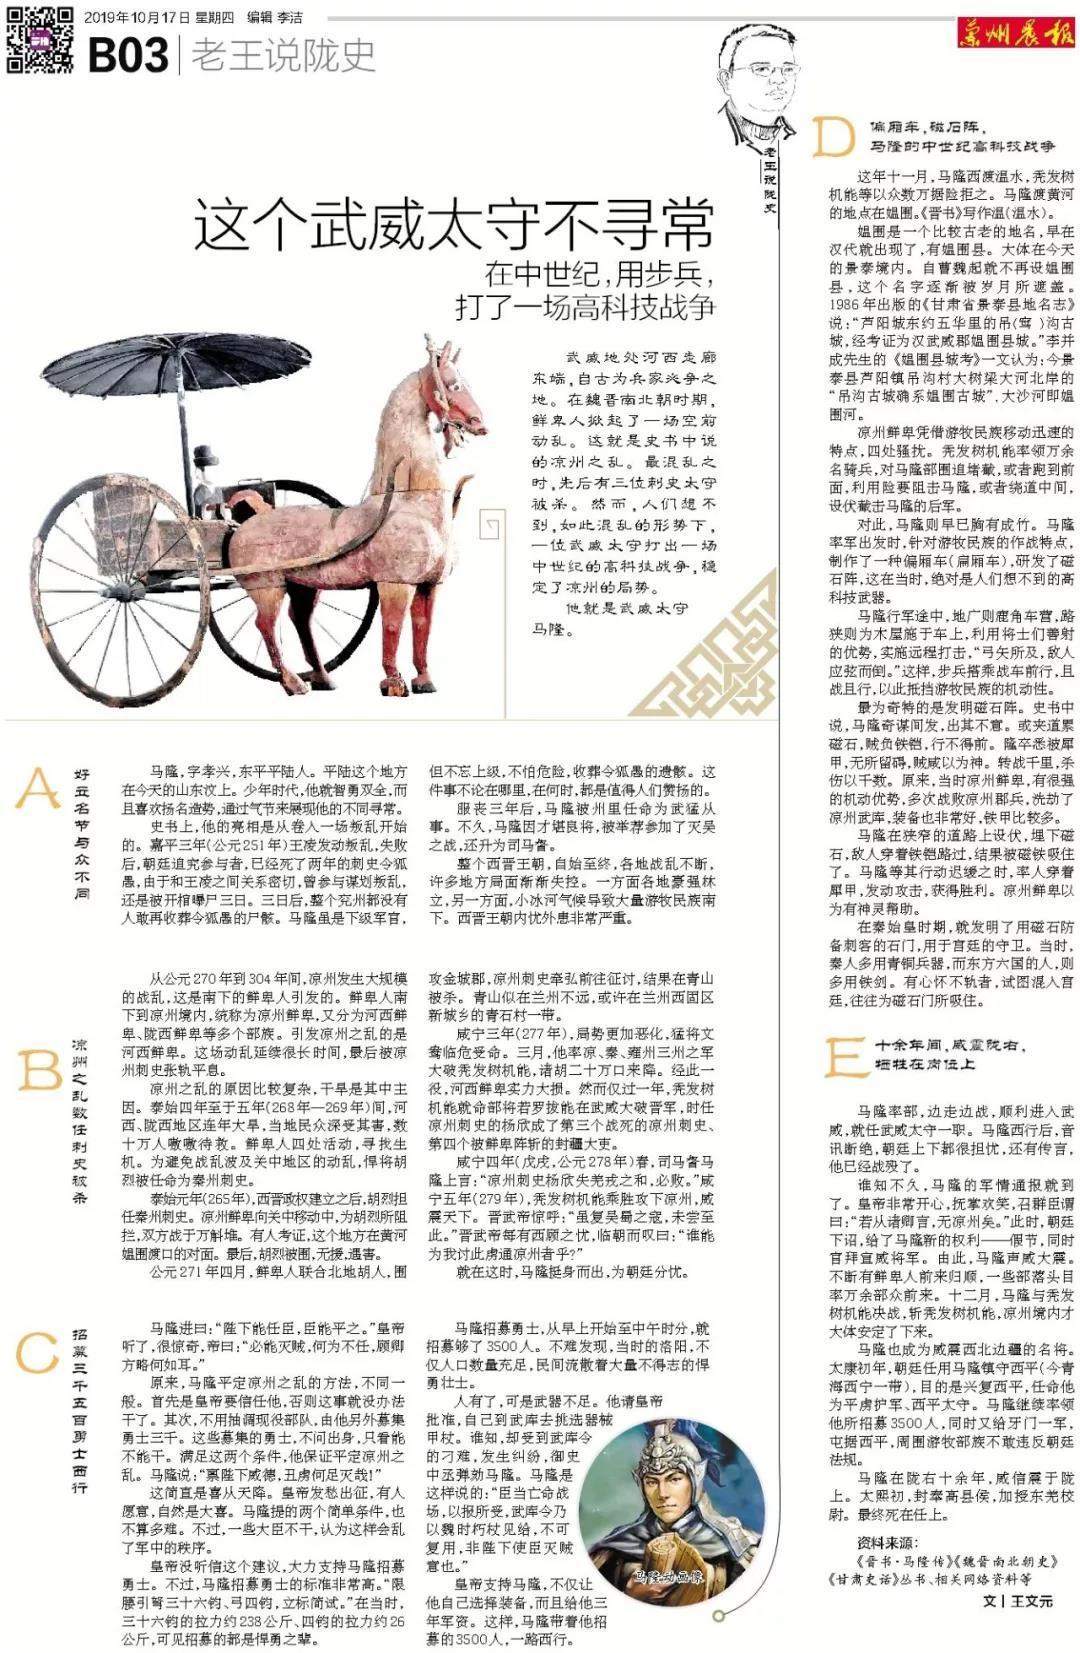 老王说陇史丨这个武威太守不寻常:在中世纪,用步兵, 打了一场高科技战争